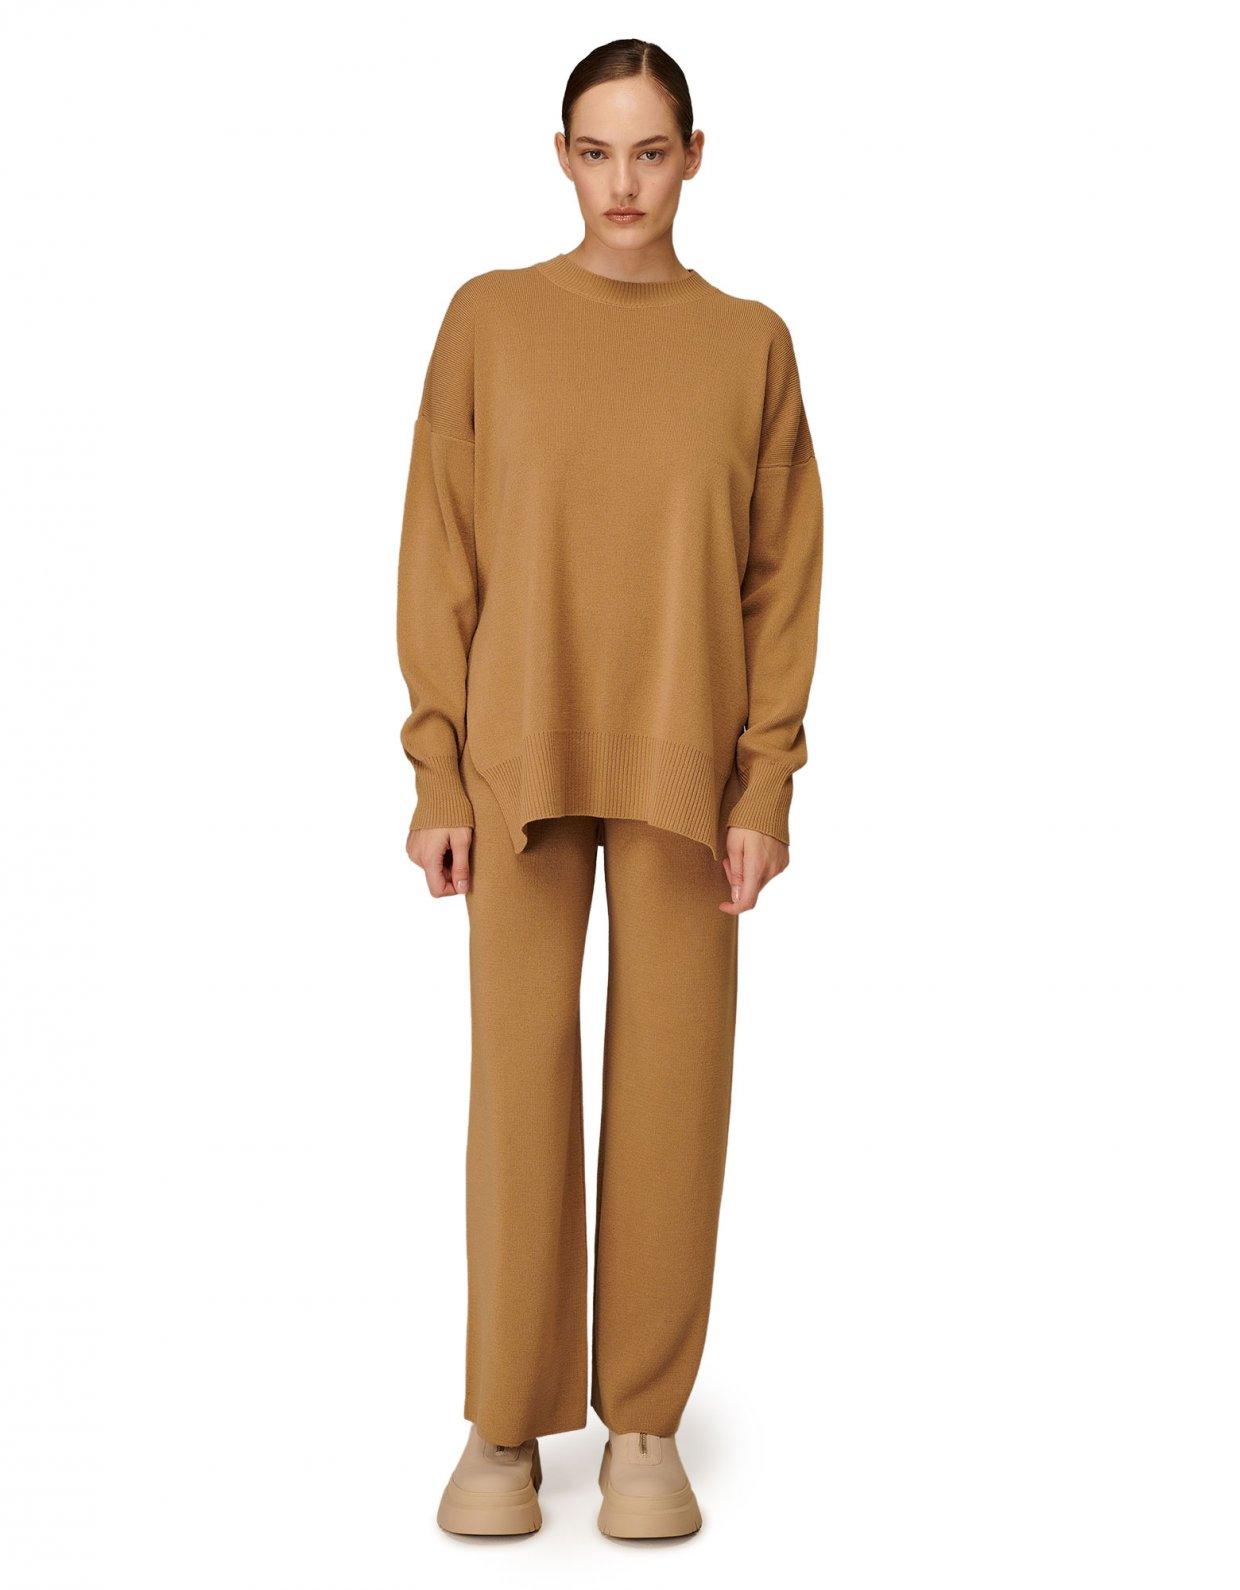 Combos Knitwear Combos W-116 Camel set